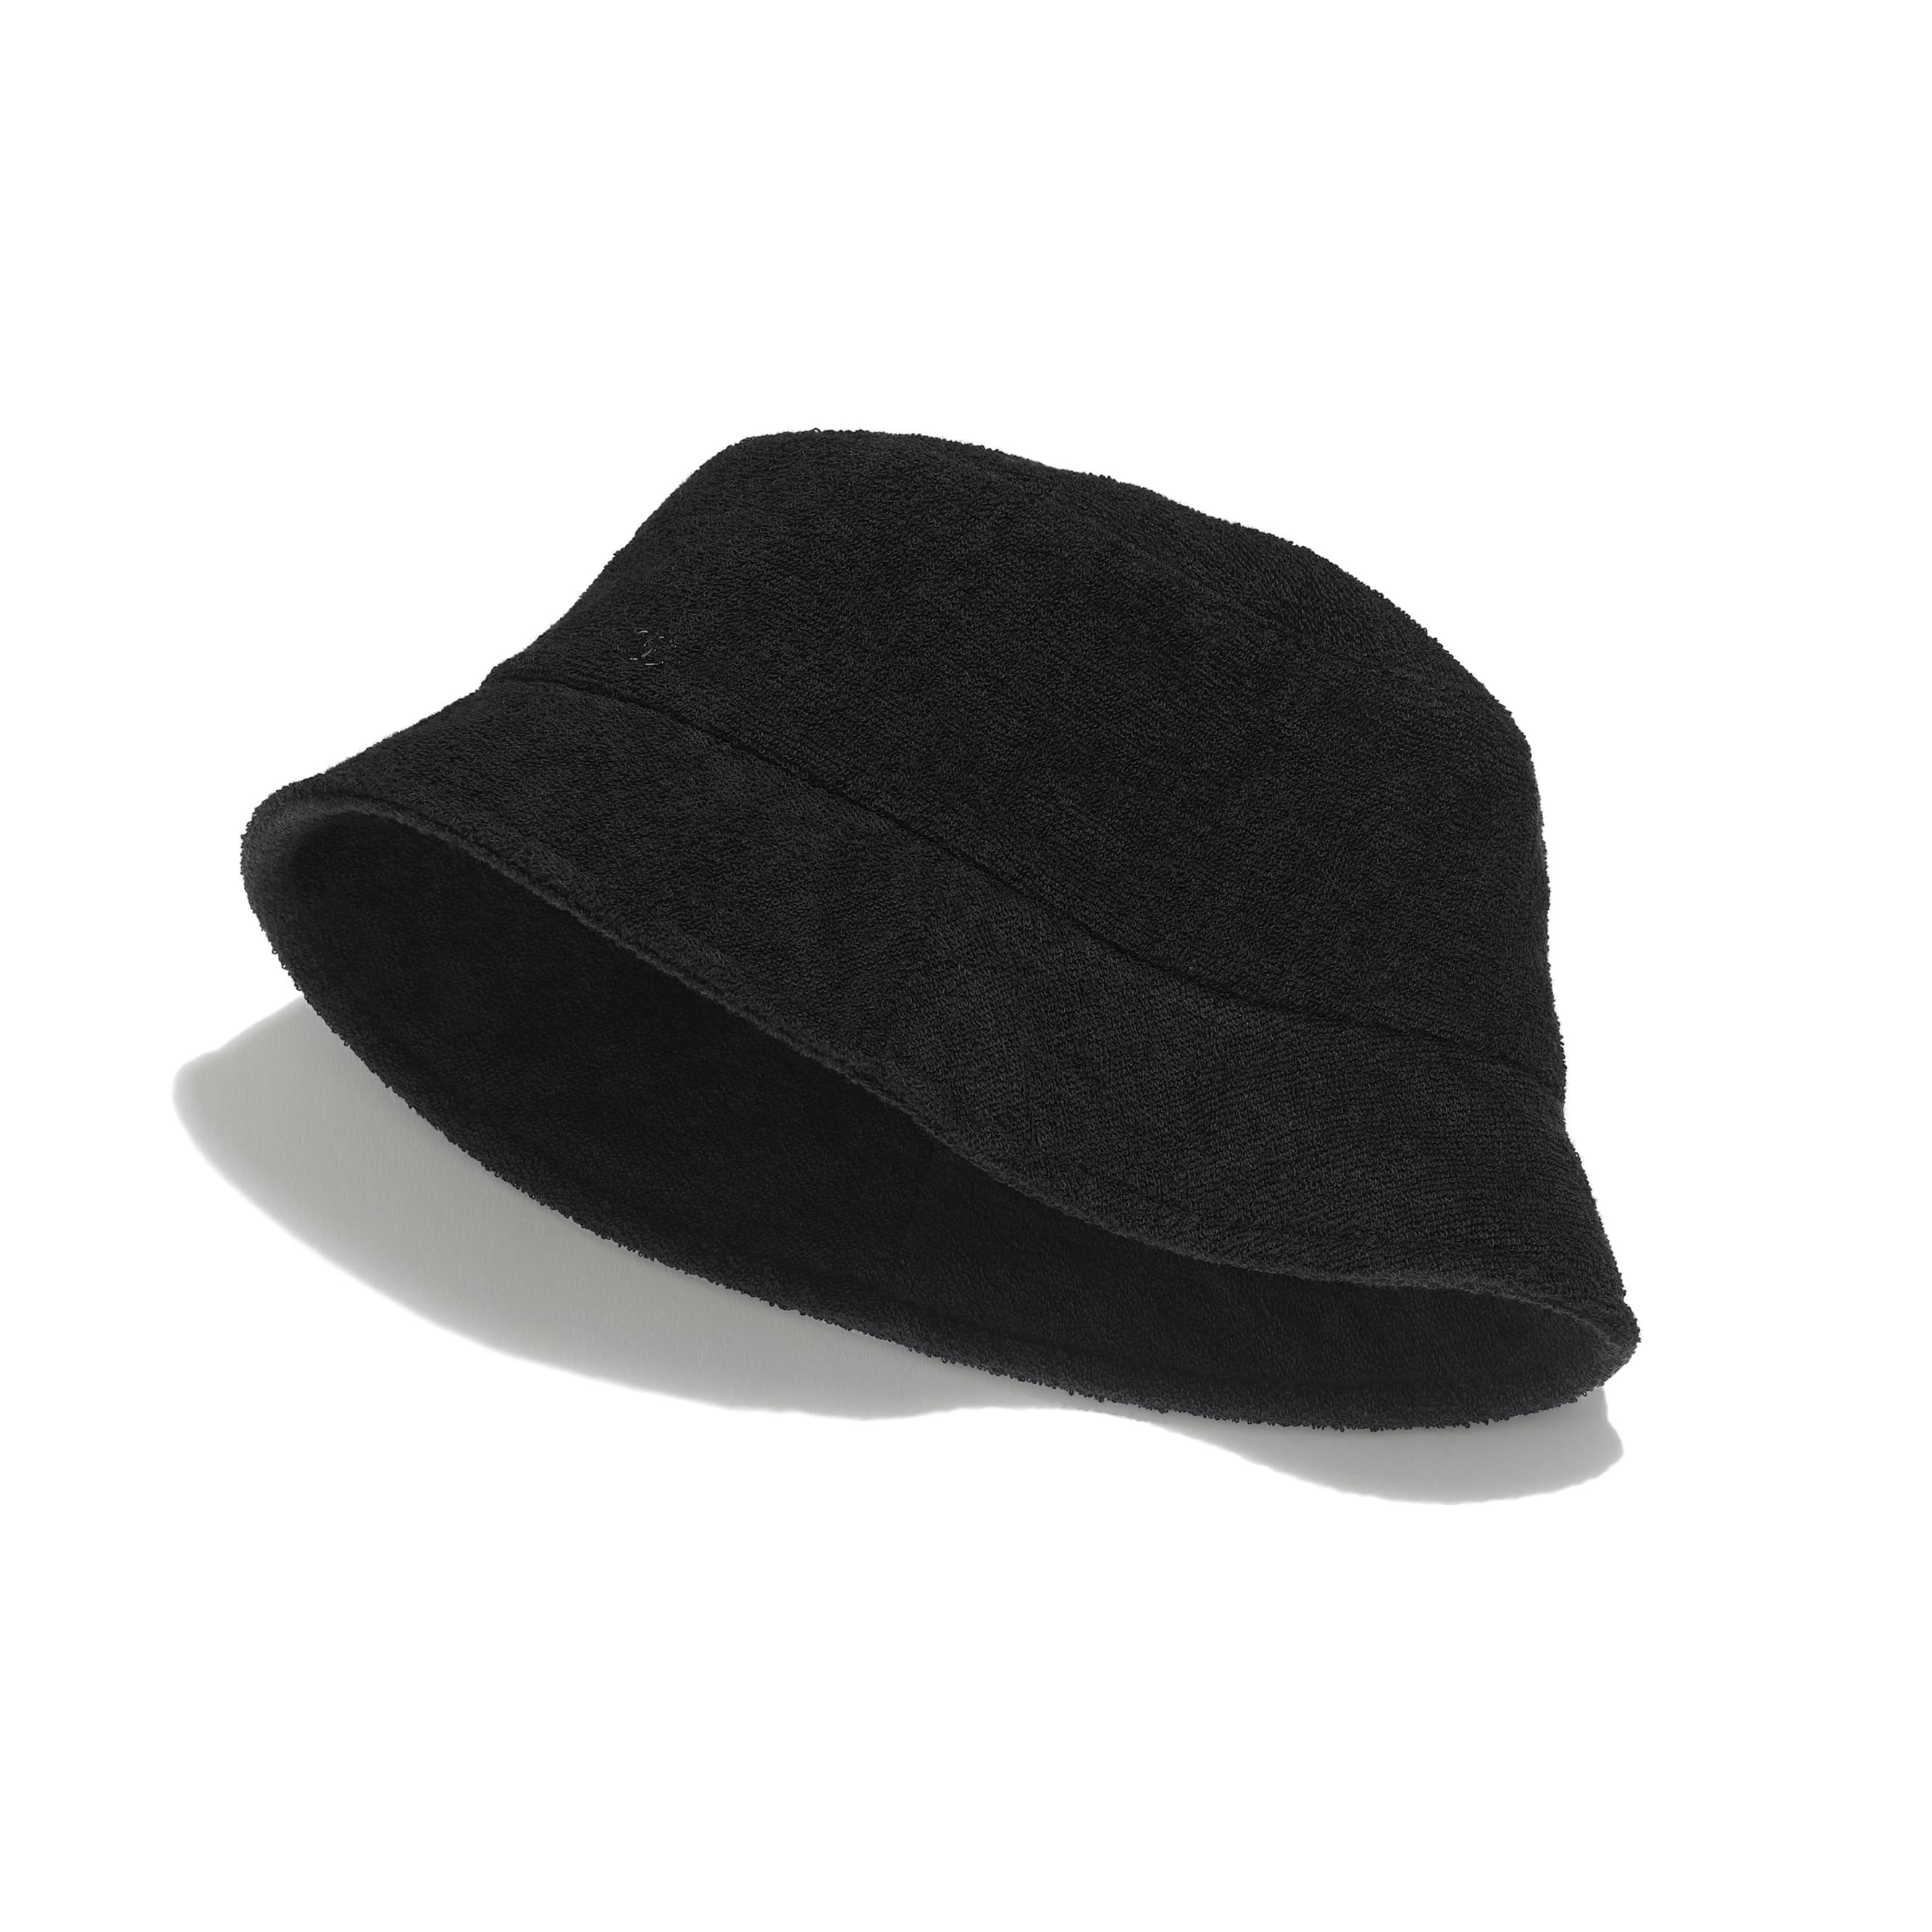 Chapéu - Preto - Tecido De Algodão - CHANEL - Vista predefinida - ver a versão em tamanho standard